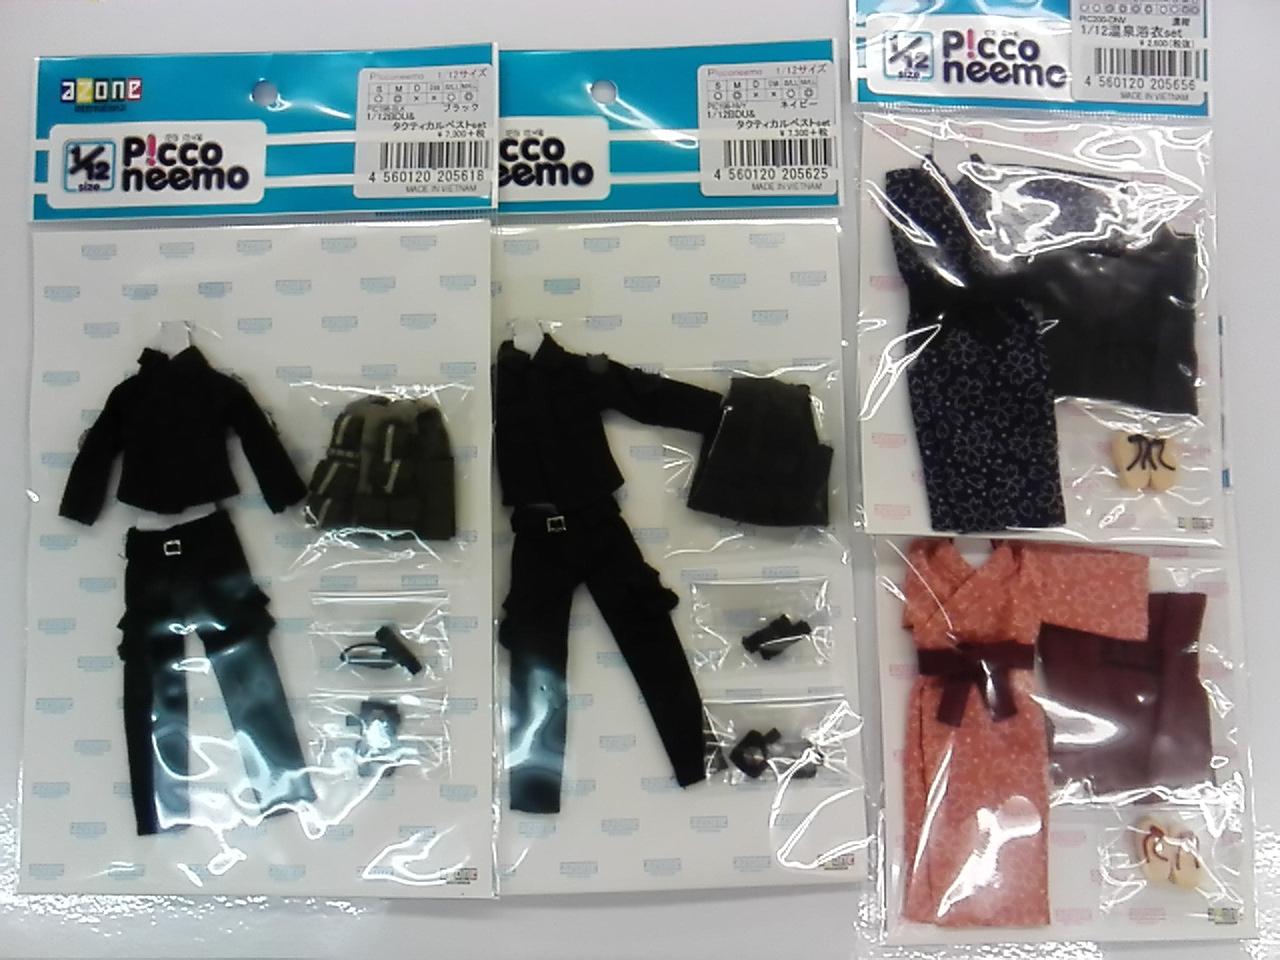 アゾン1/12サイズドール衣装いろいろ入荷しました!!【#メディオ!沖新】